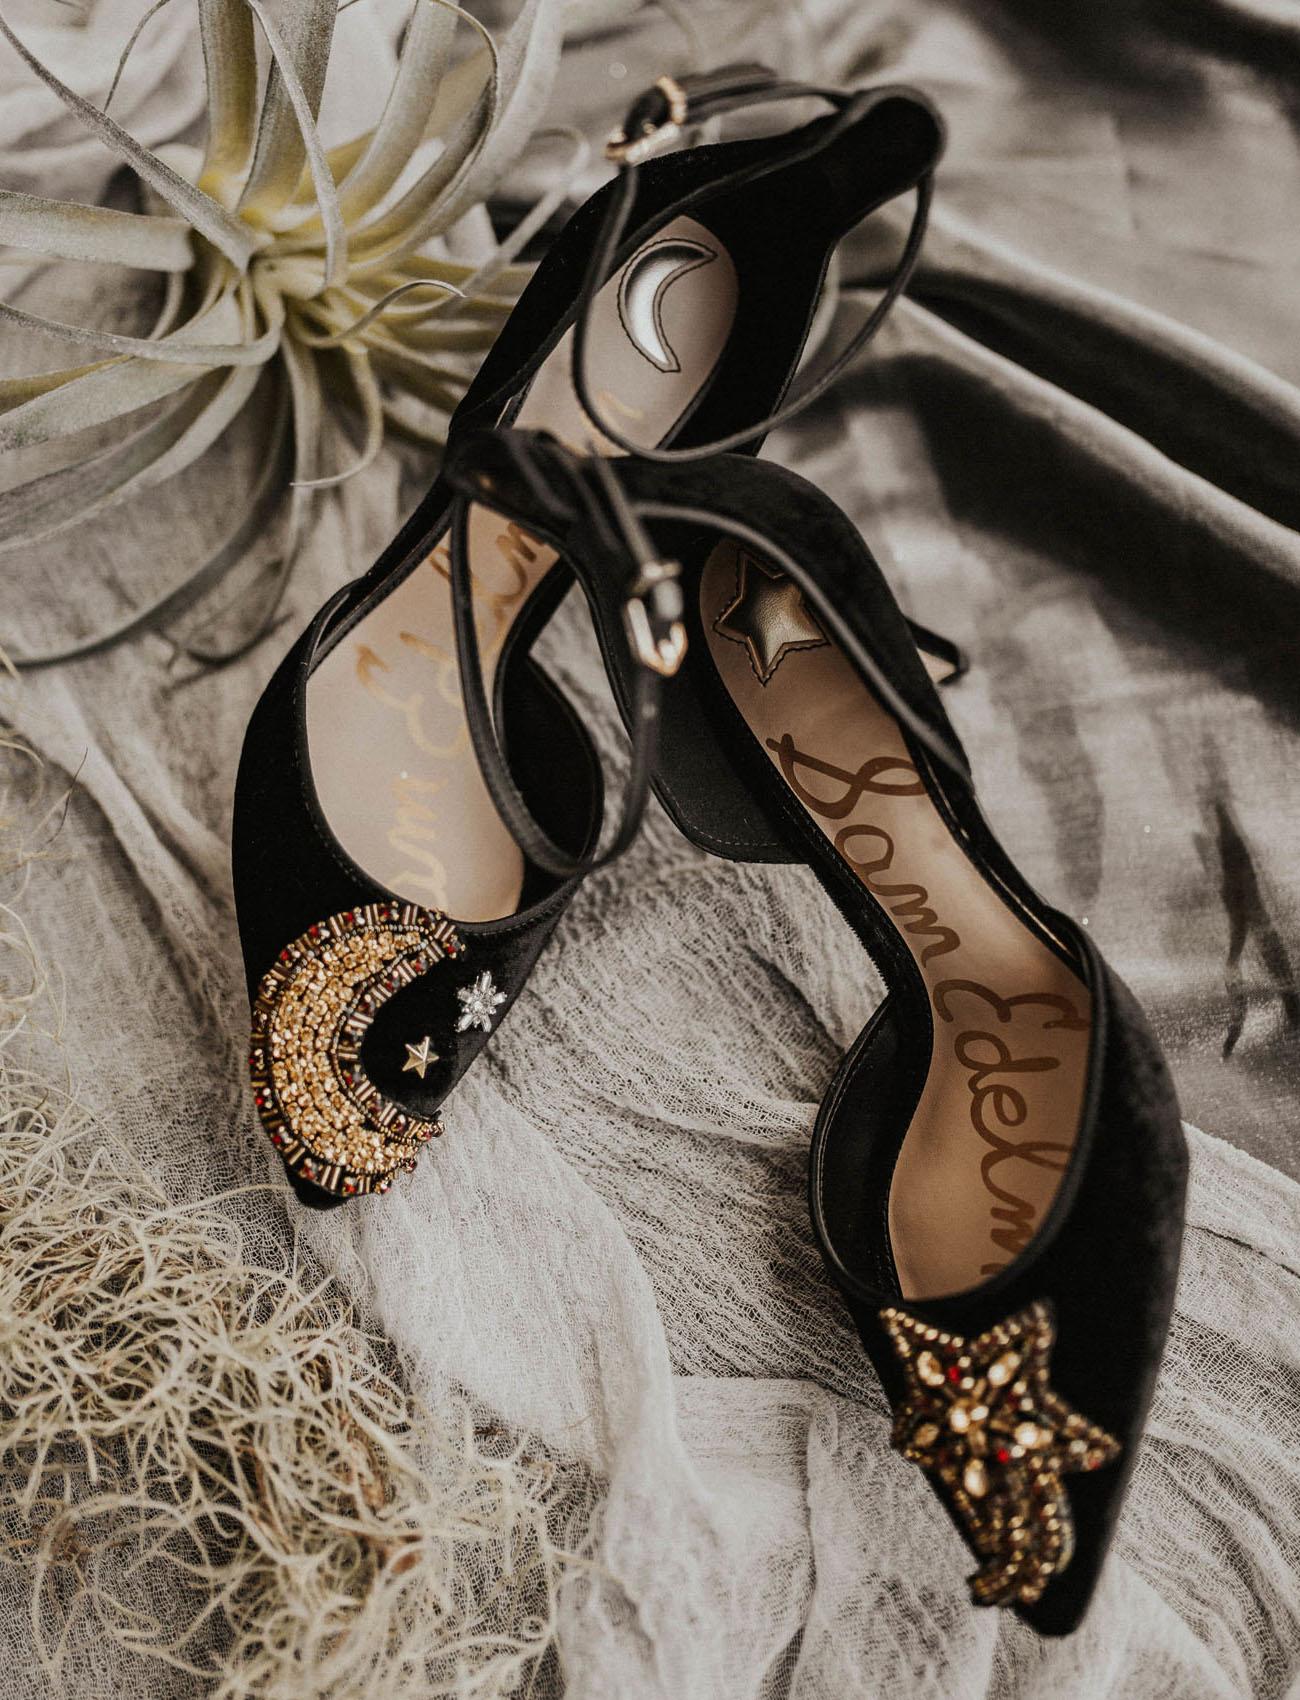 starry heels